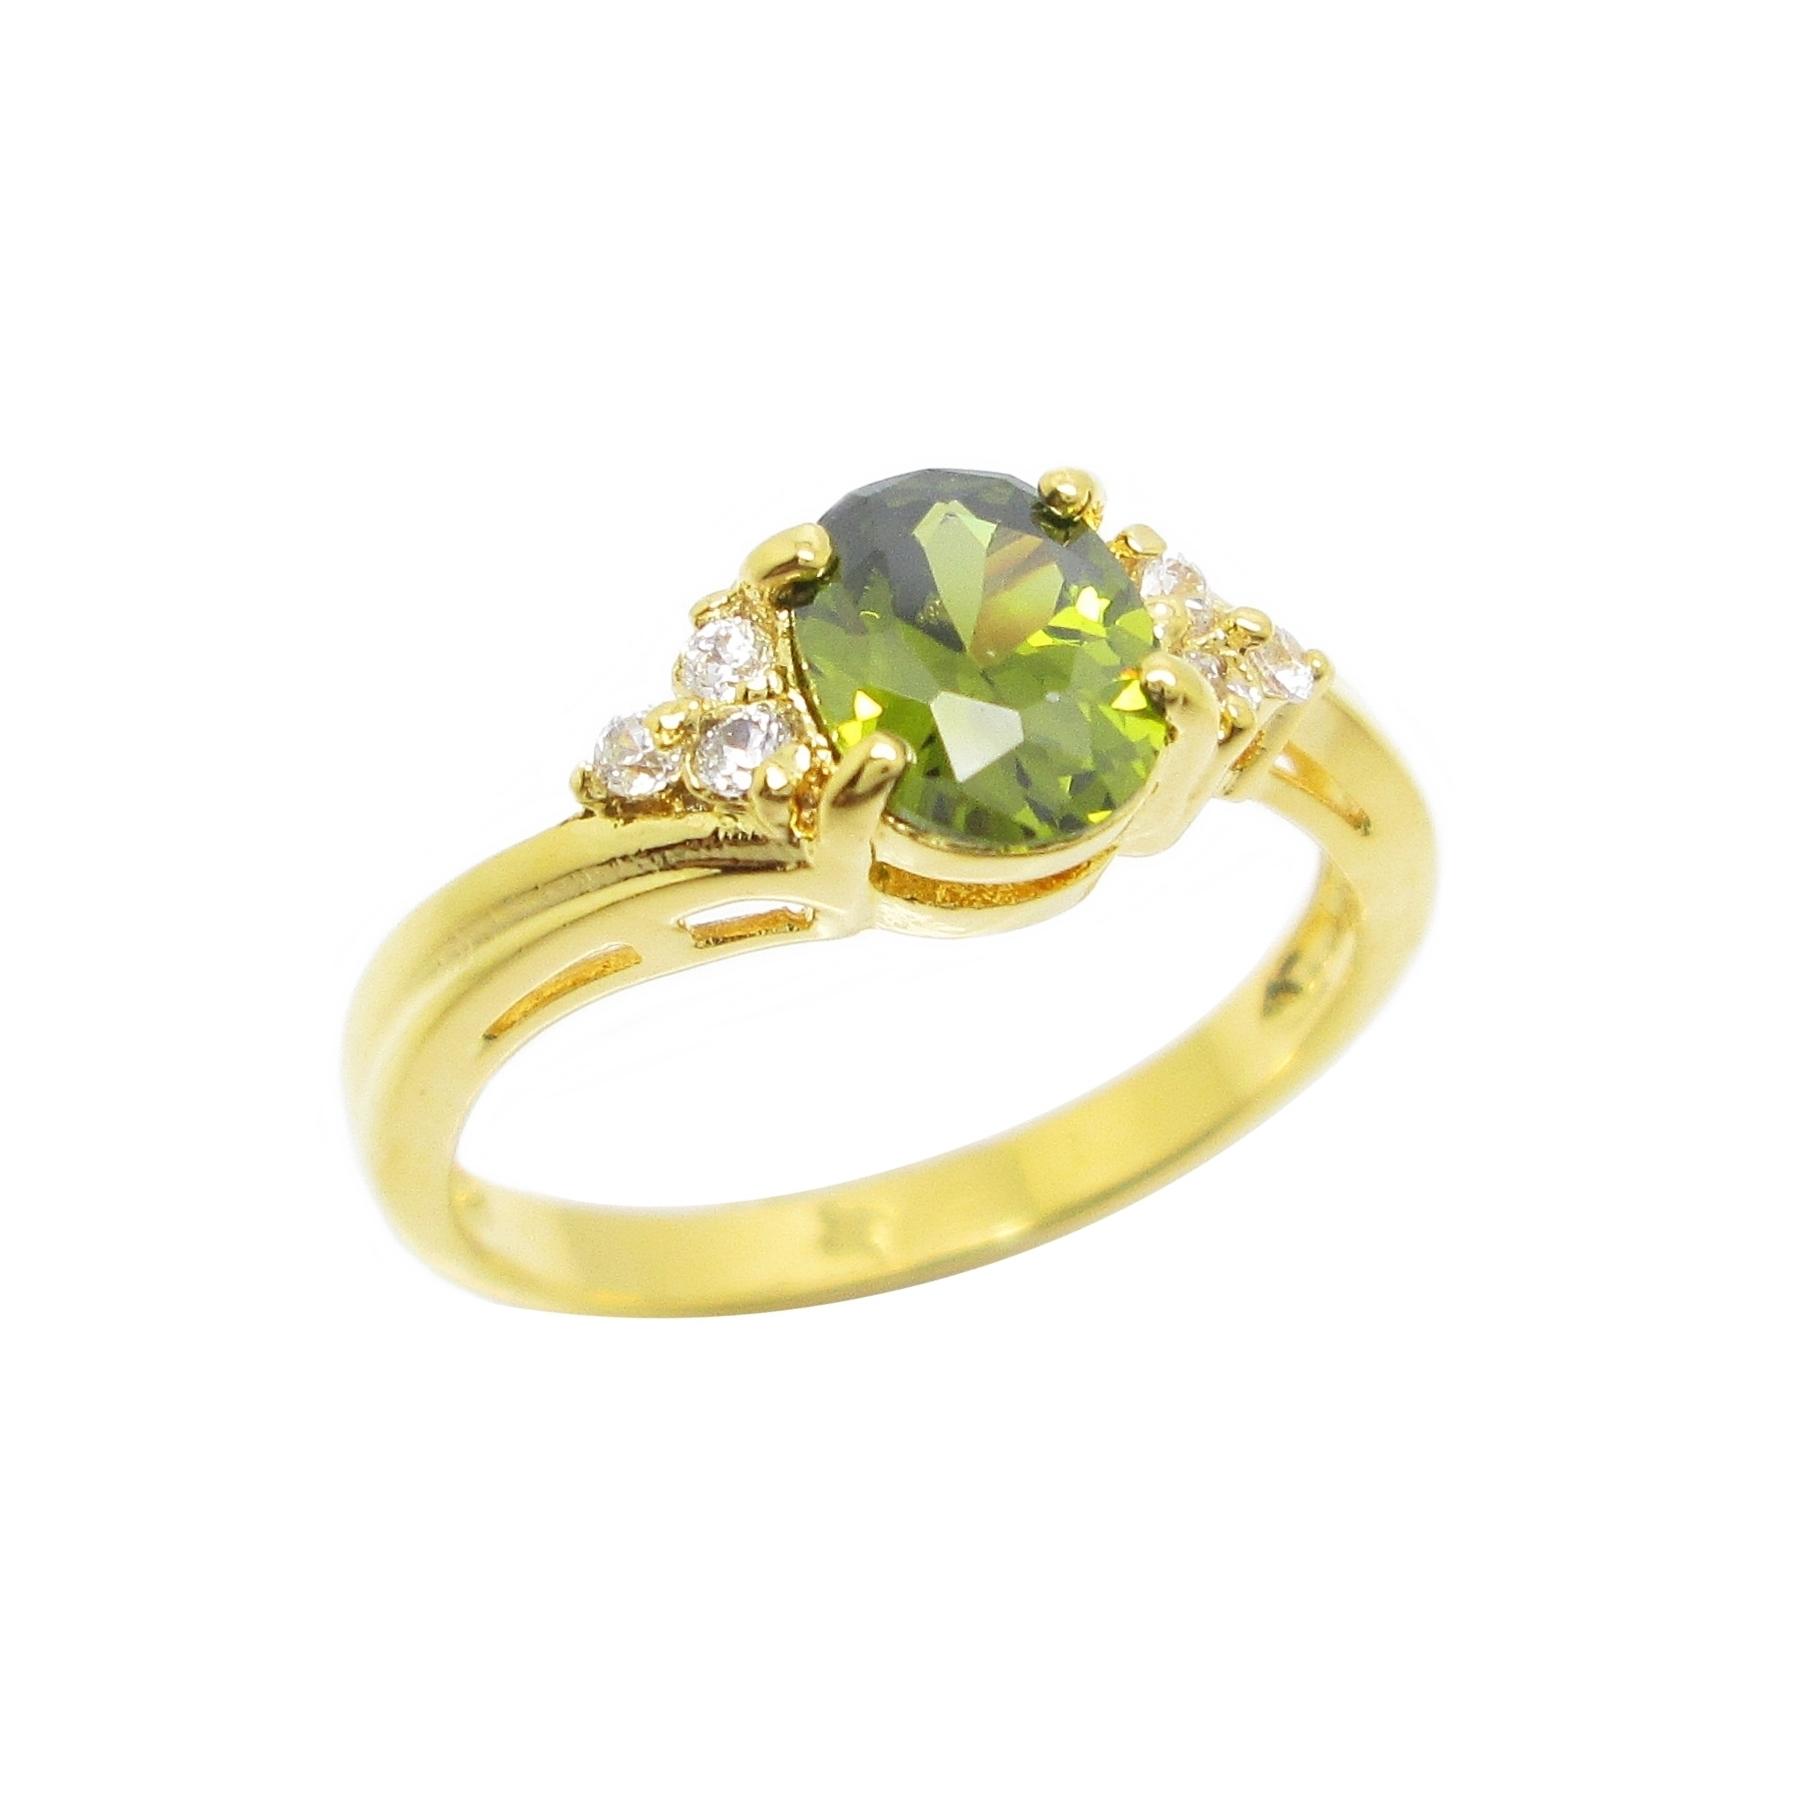 แหวนพลอยสีเขียวส่องประดับเพชรข้างชุบทอง